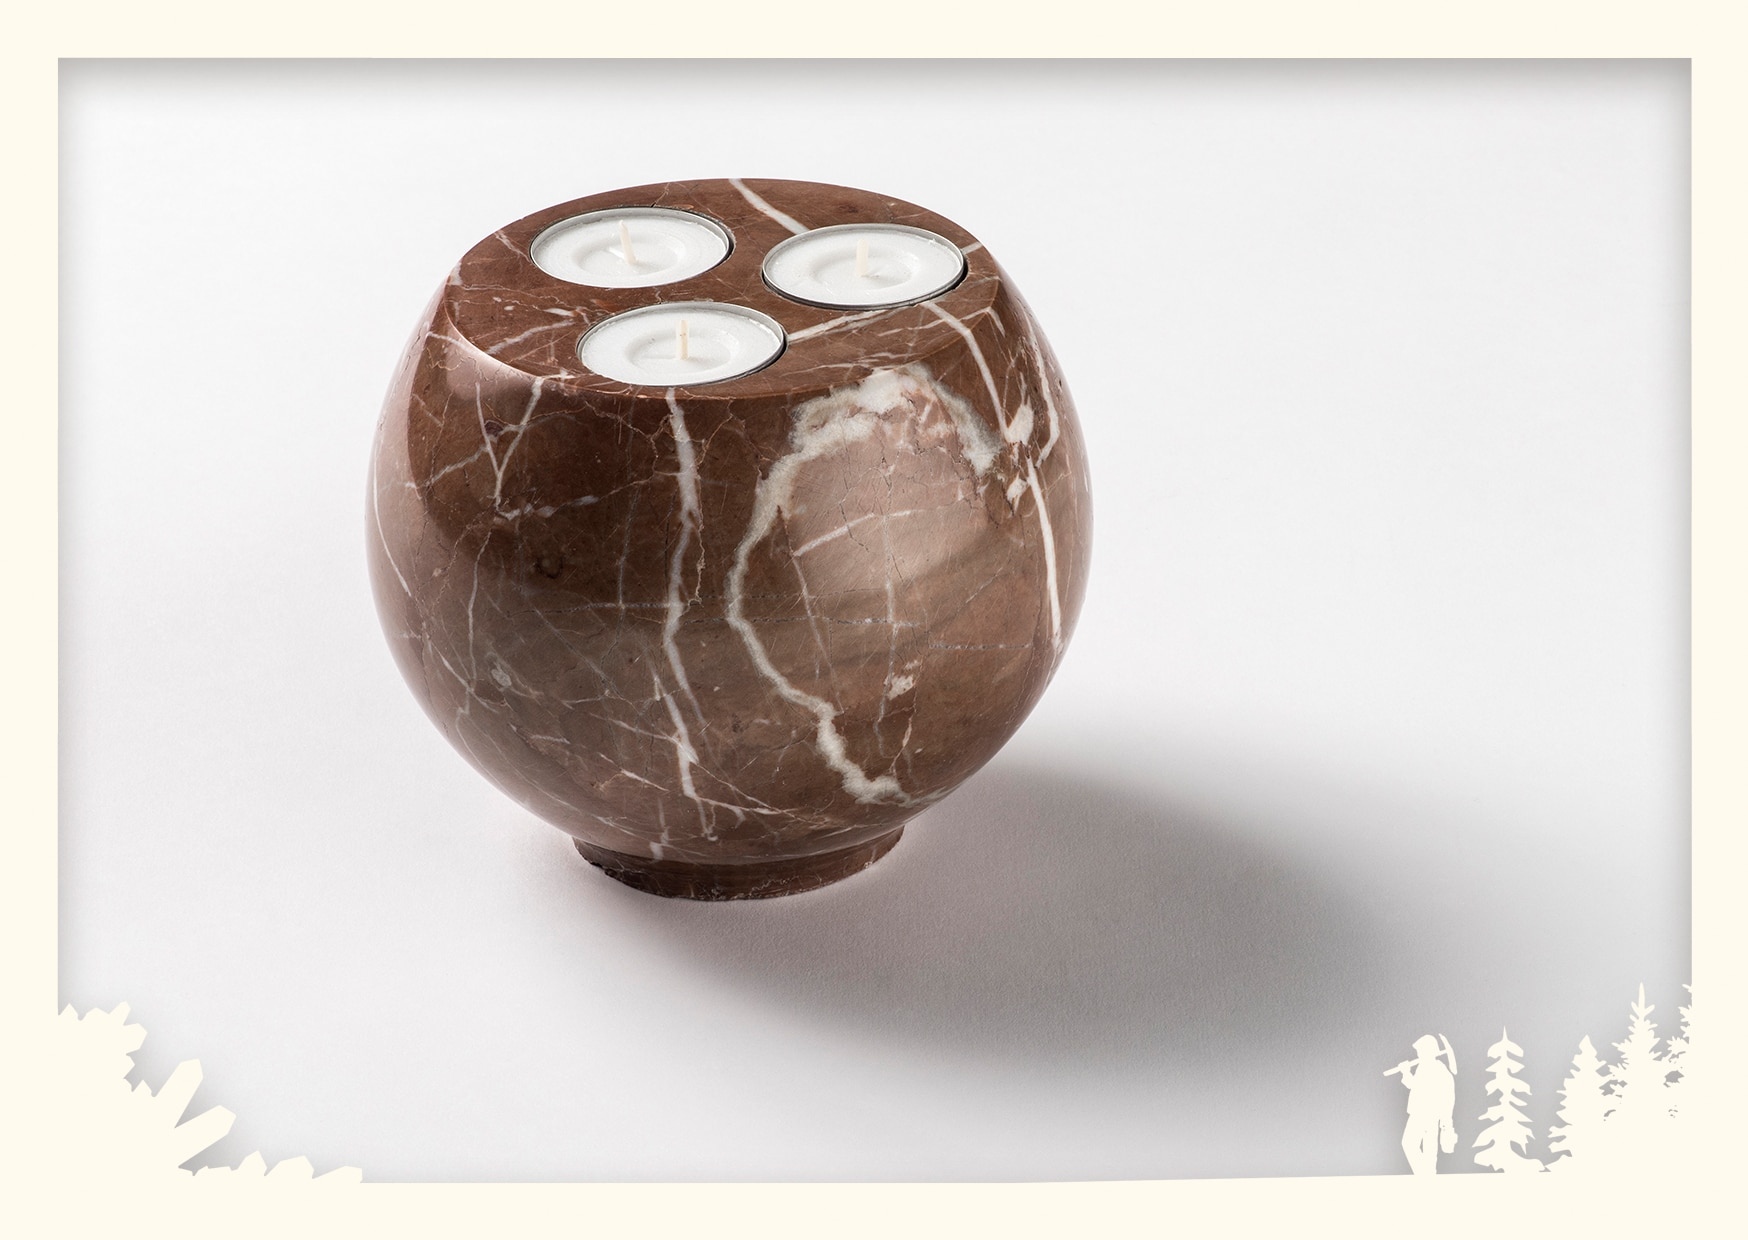 Teelichthalter Image